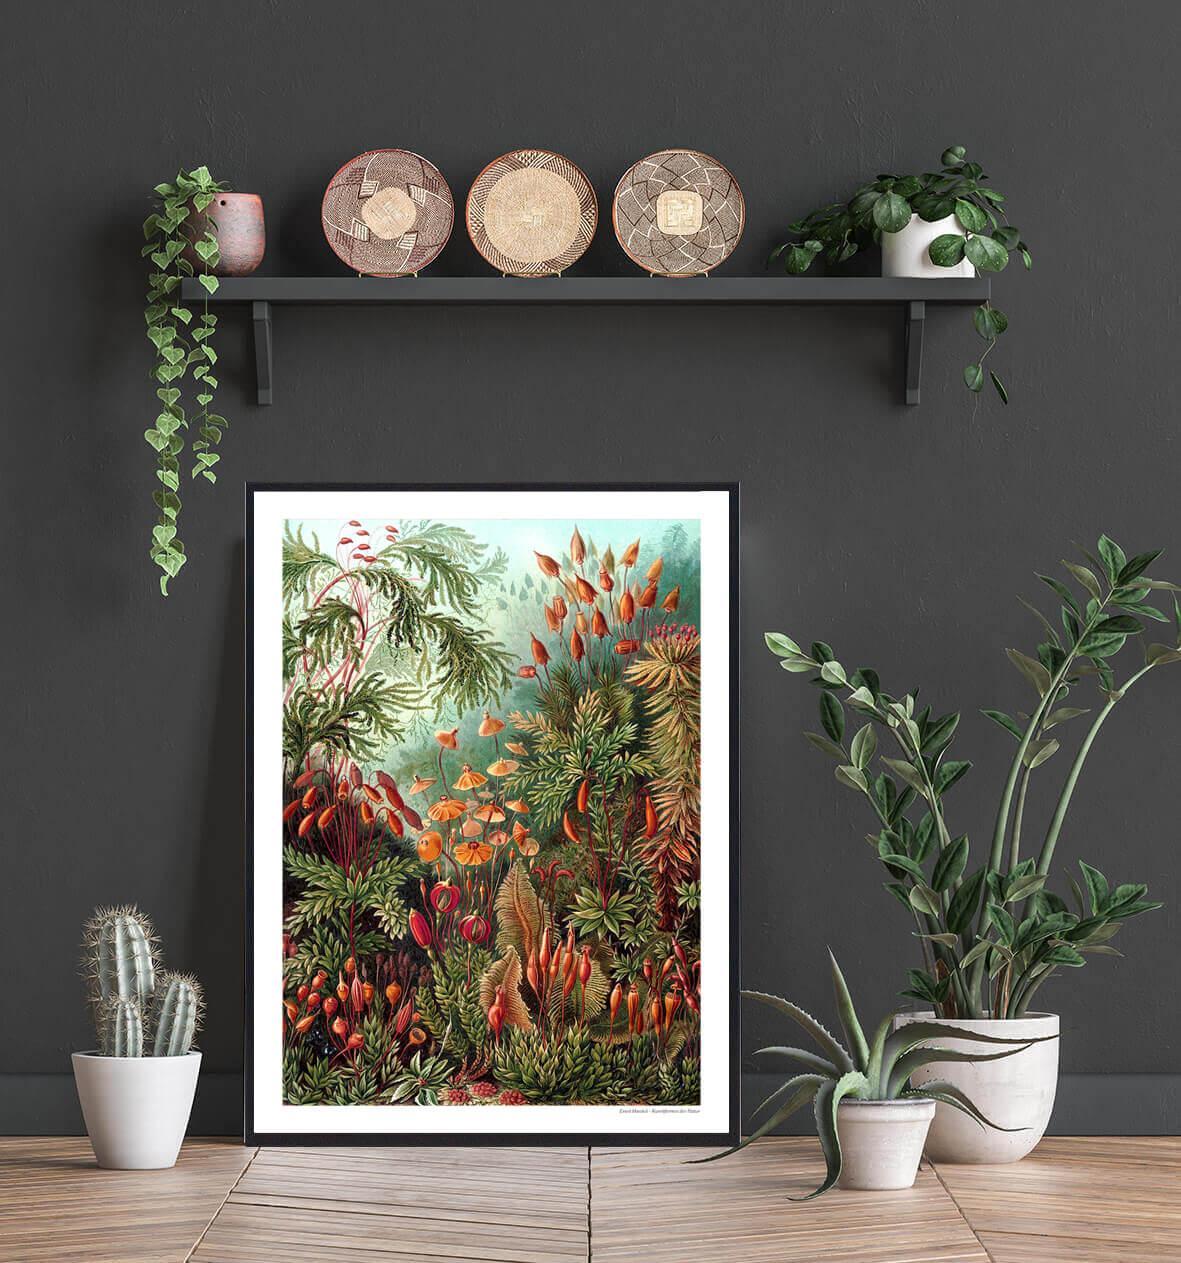 kunstform-plakat-natur-2